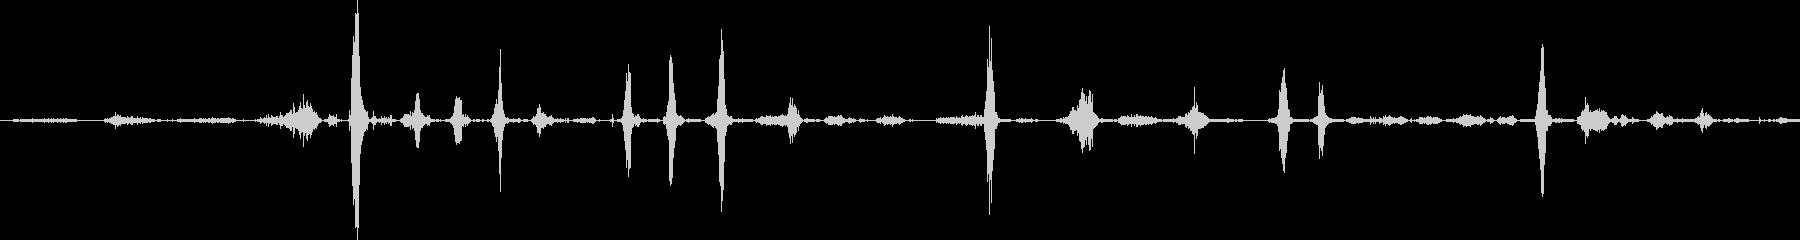 ピットブルドッグタグオブウォーグロ...の未再生の波形